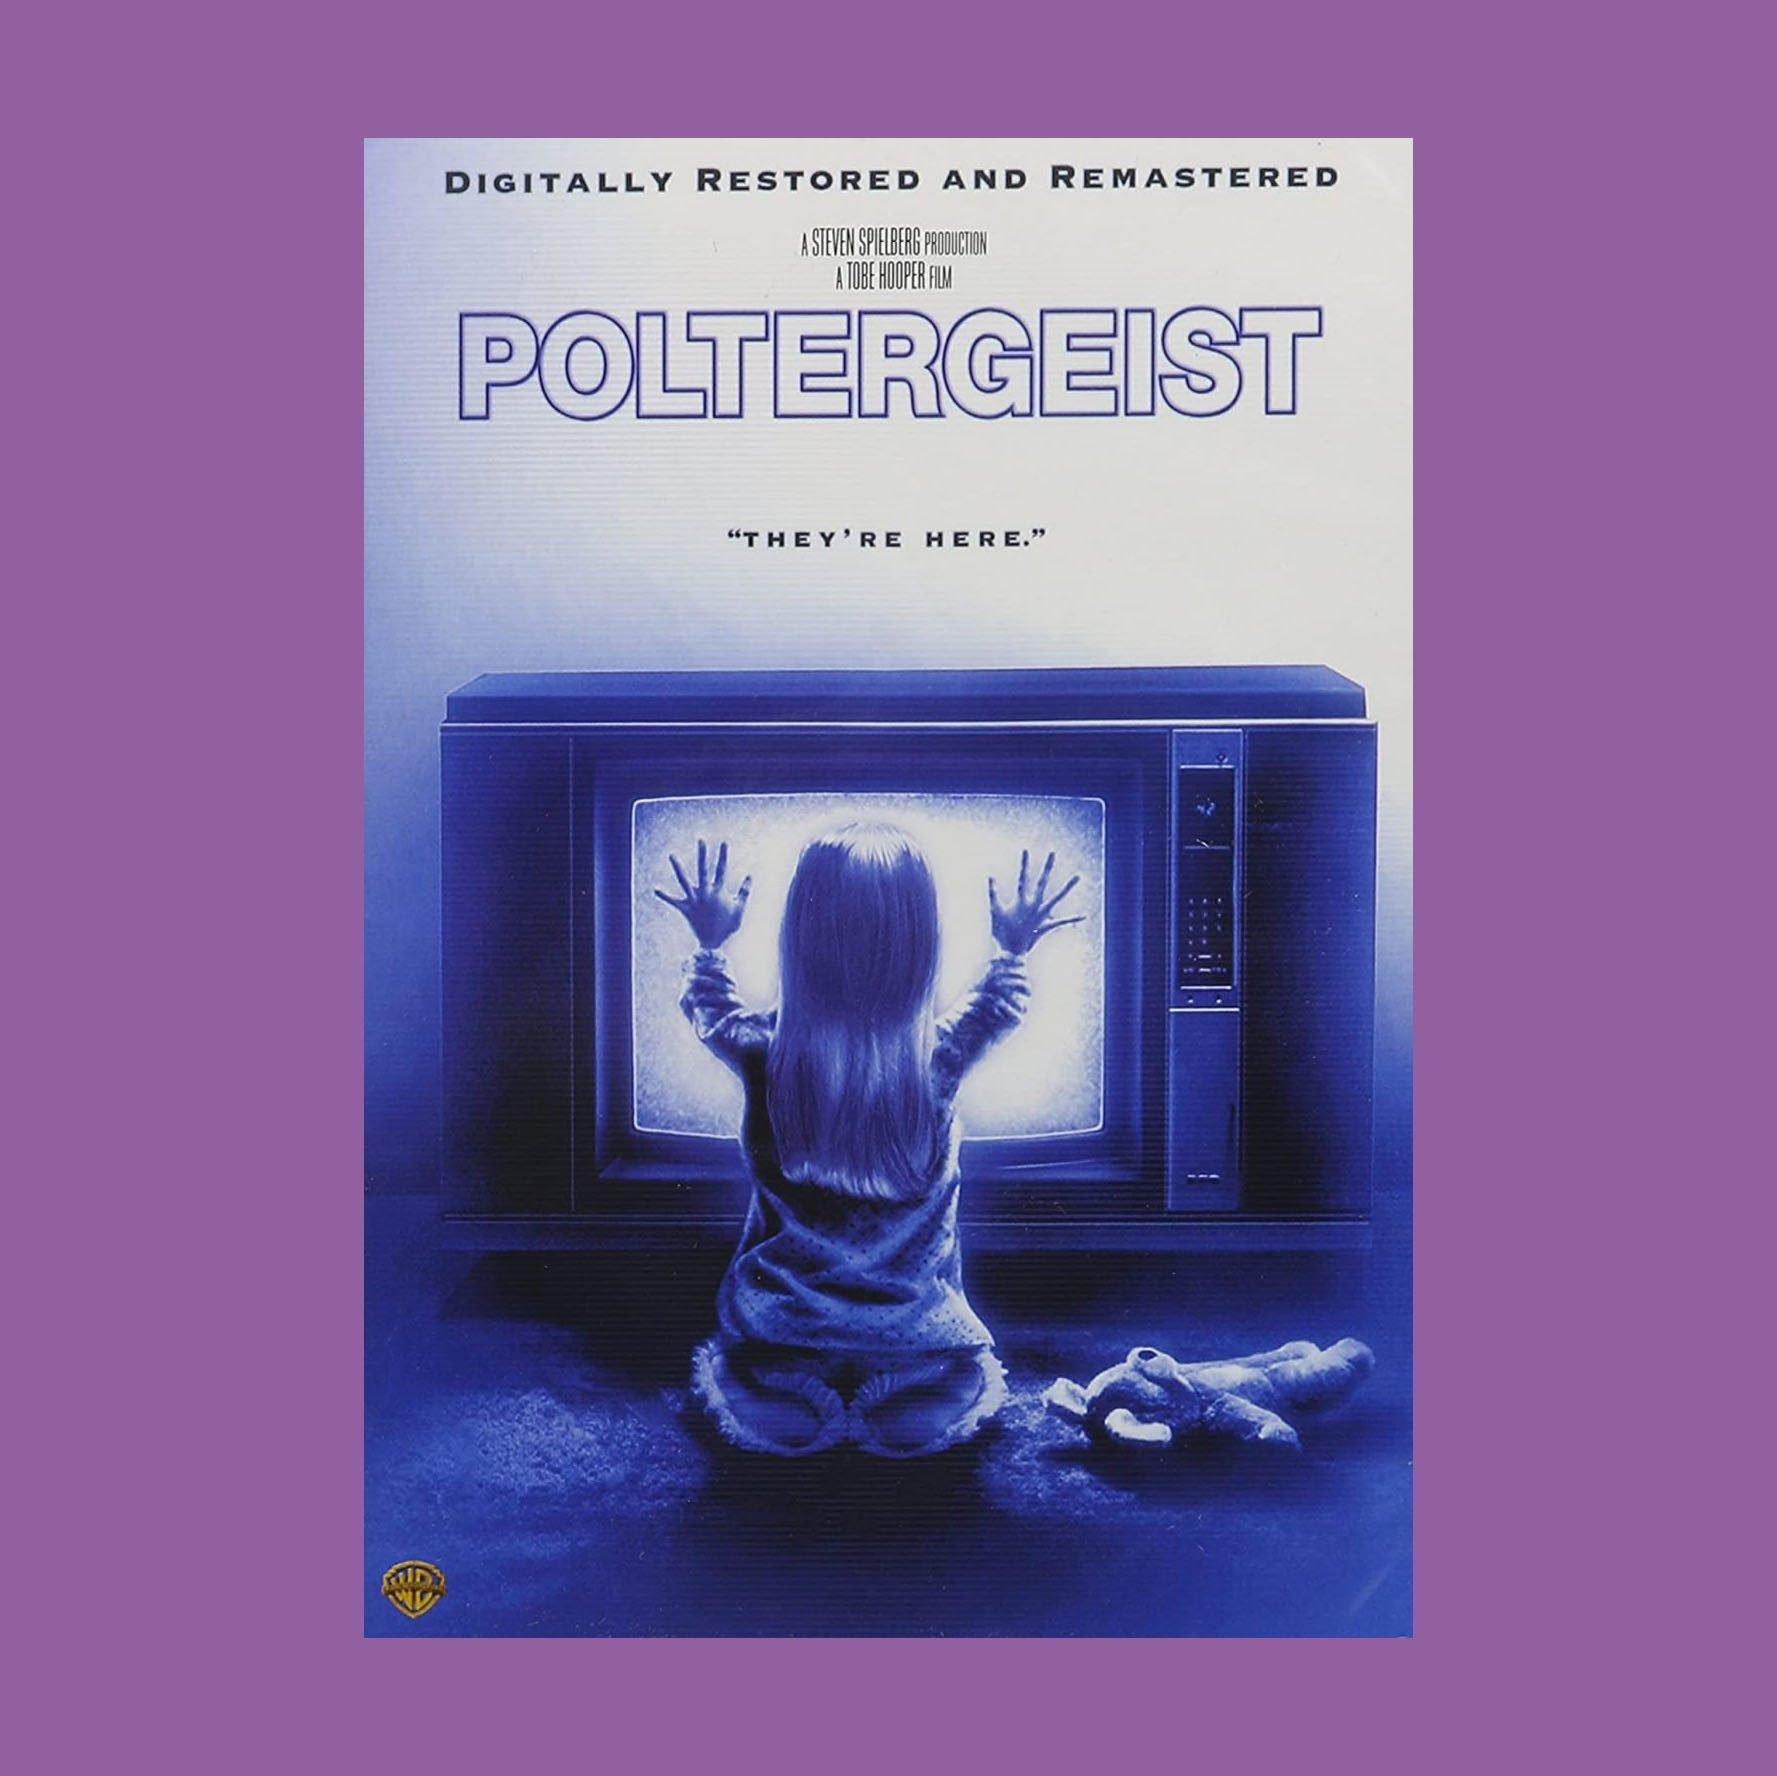 Poltergeist (PG)